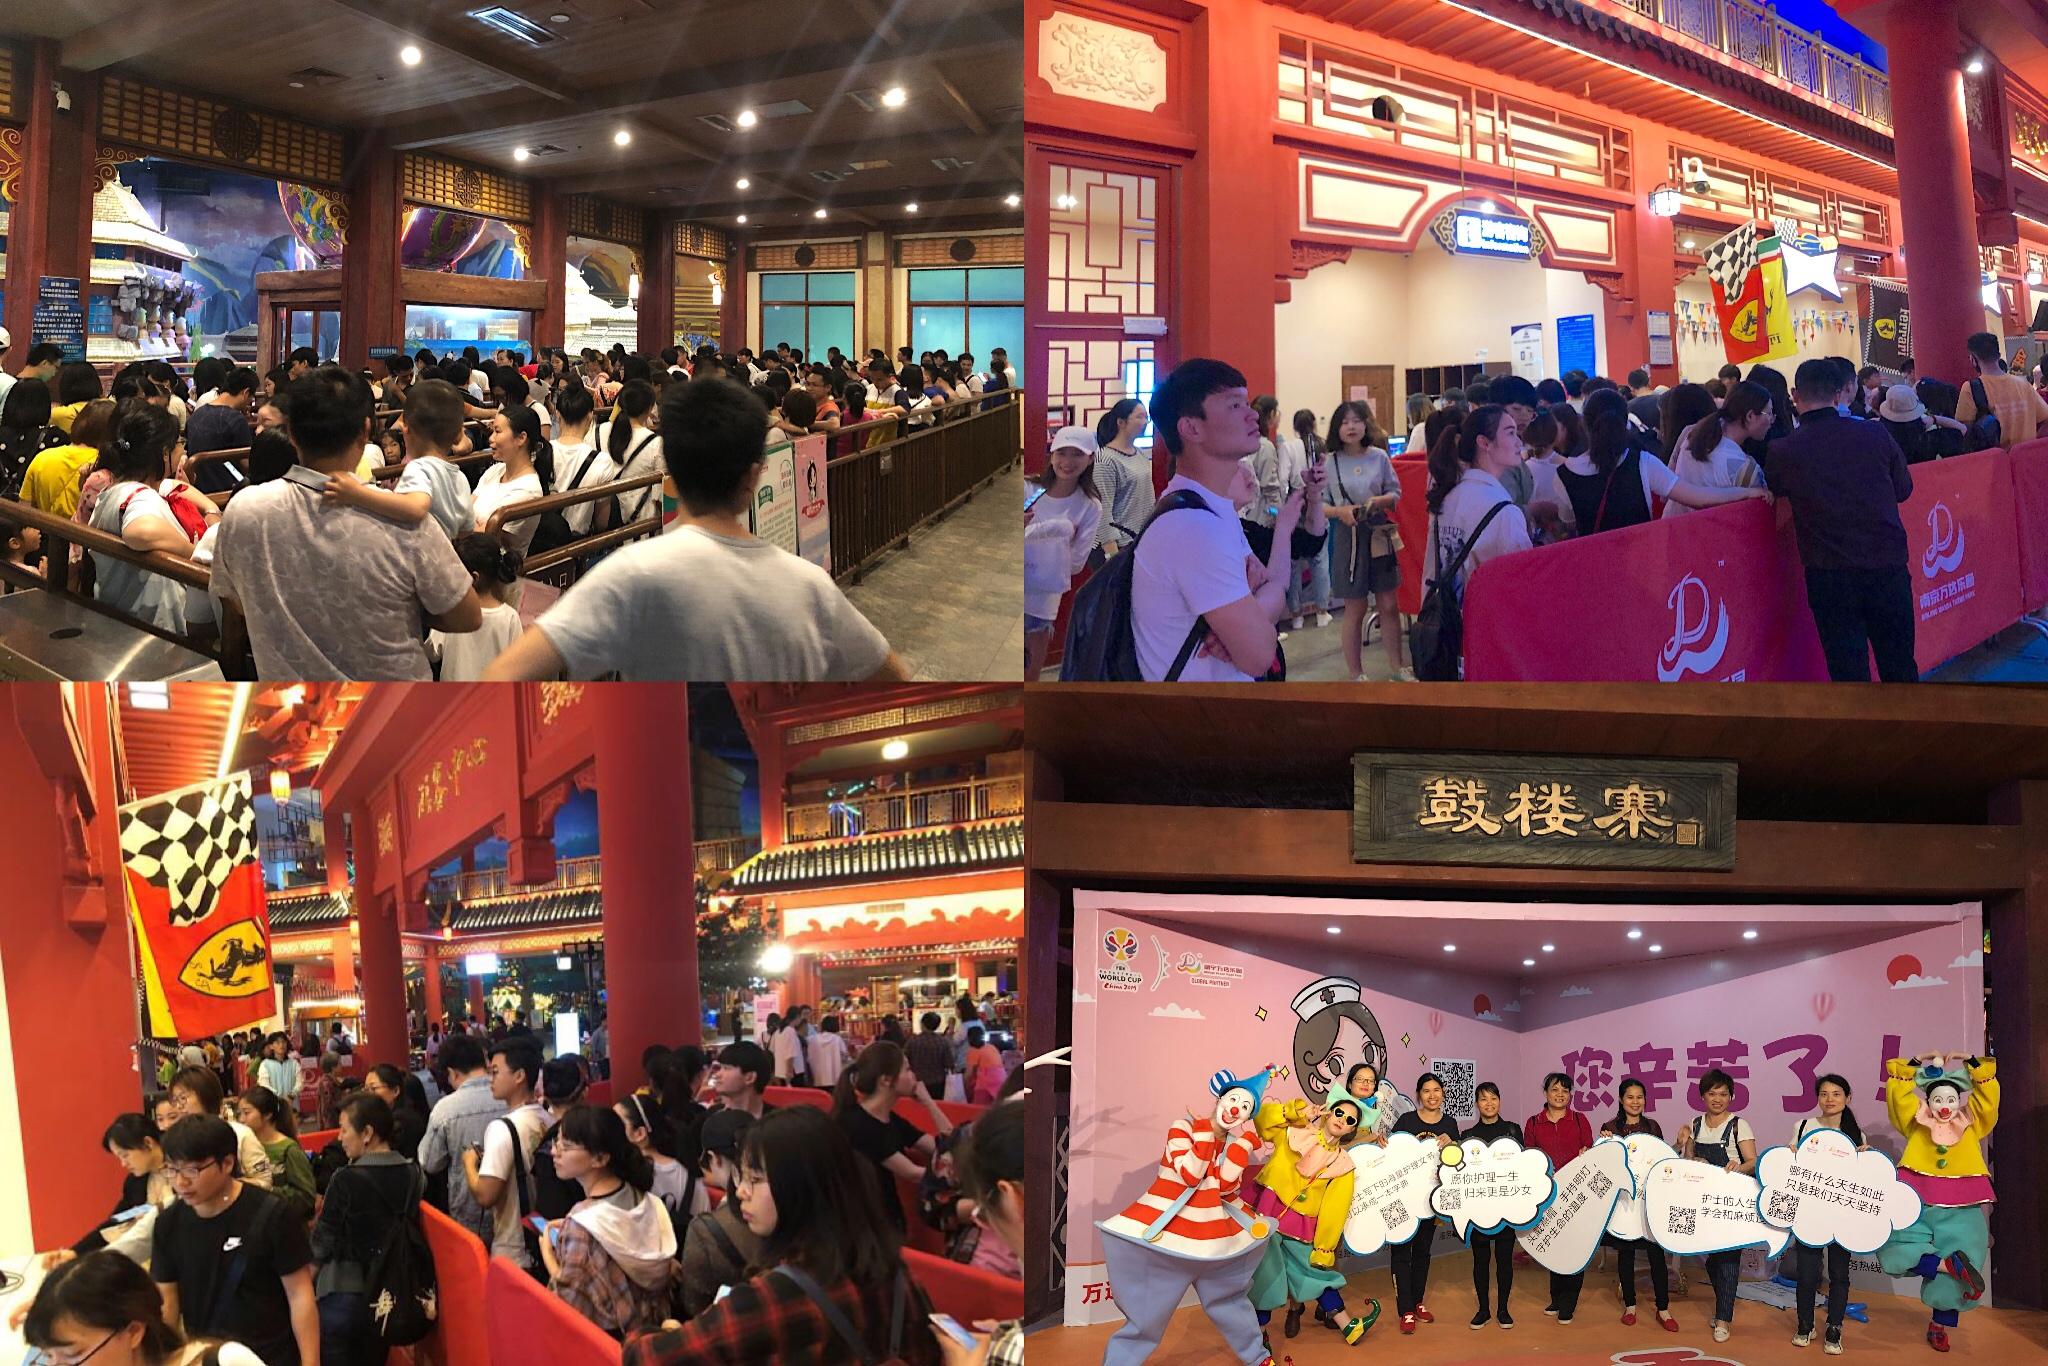 南京、南宁娱乐网注册送白菜乐园举办国际护士节感恩活动